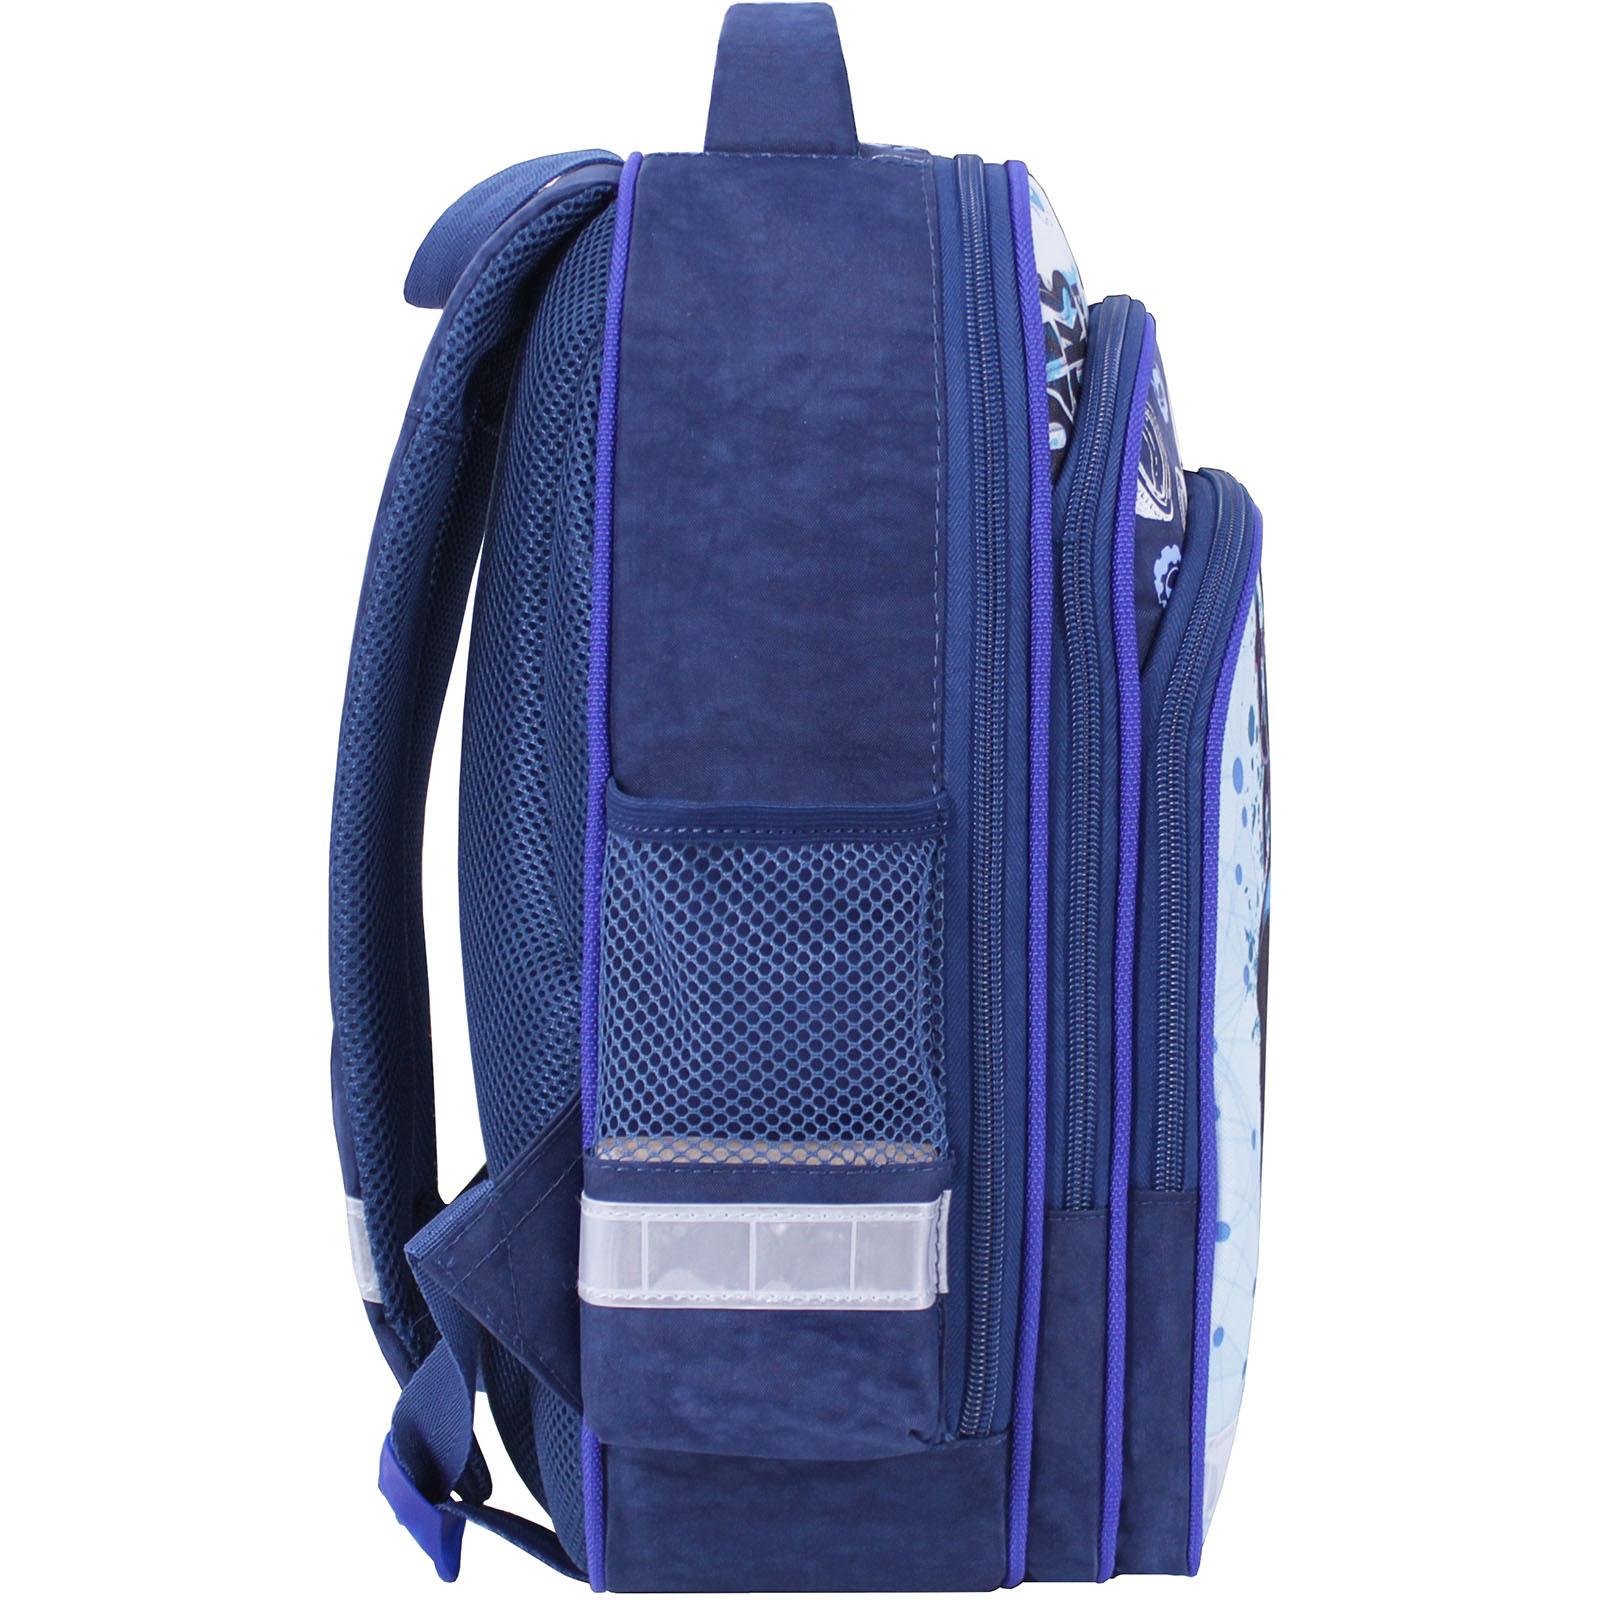 Рюкзак школьный Bagland Mouse 225 синий 551 (0051370) фото 2